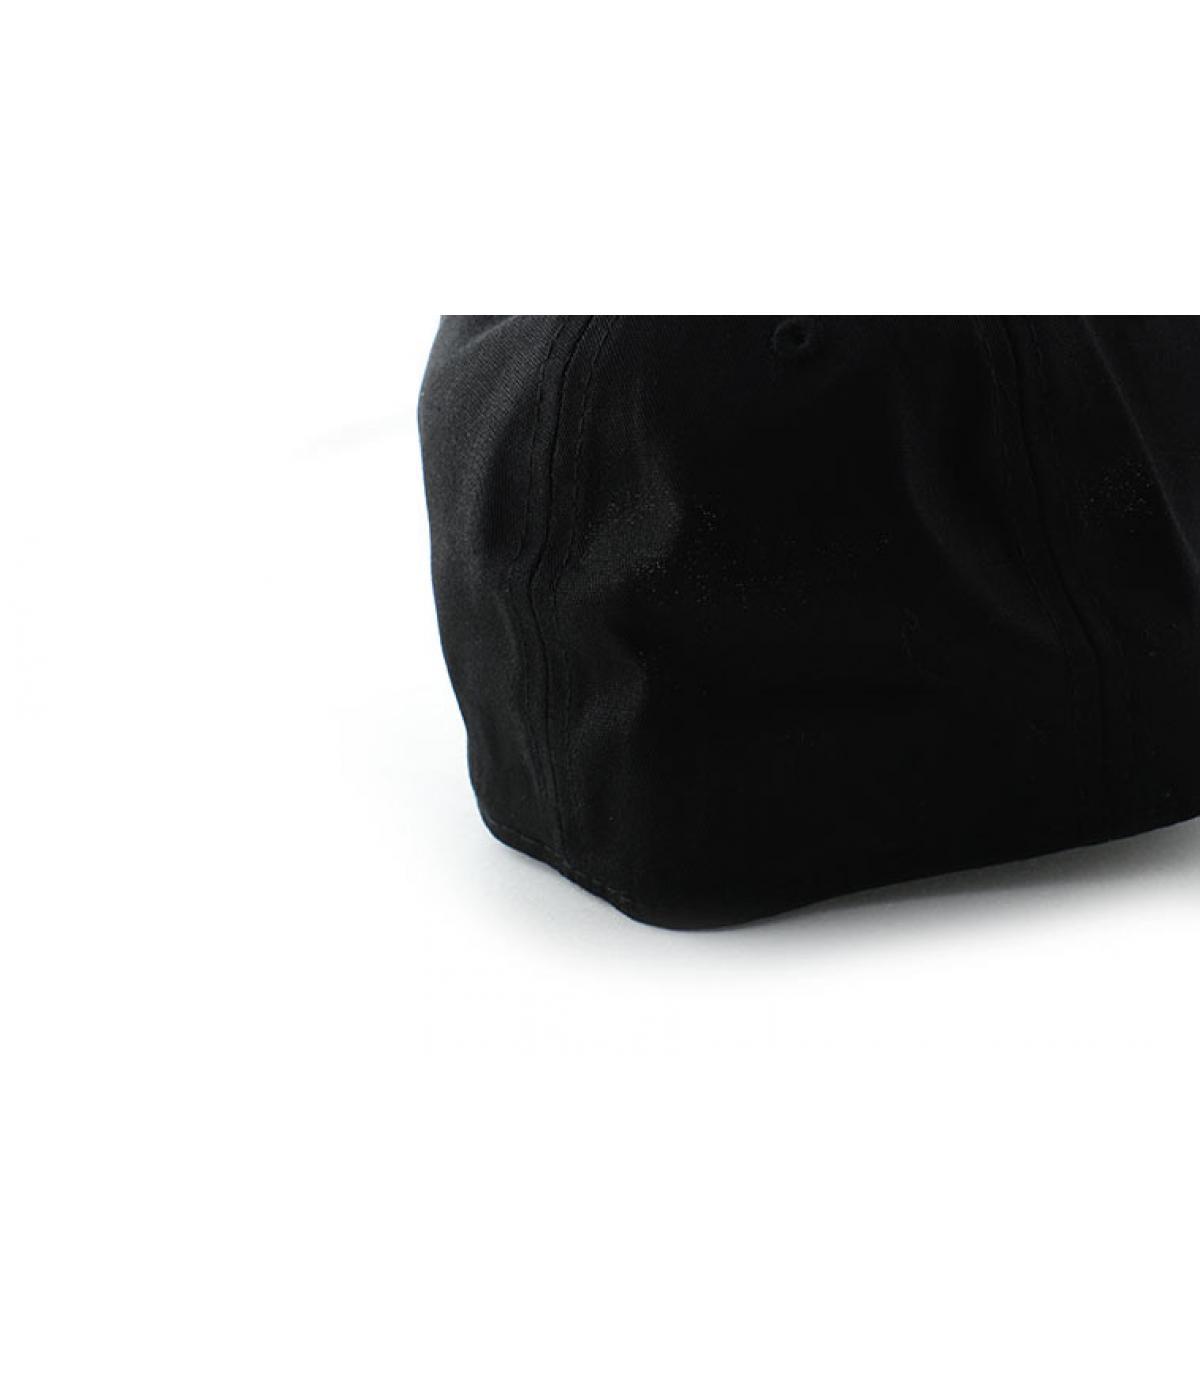 Détails Casquette LA 3930 black black - image 5